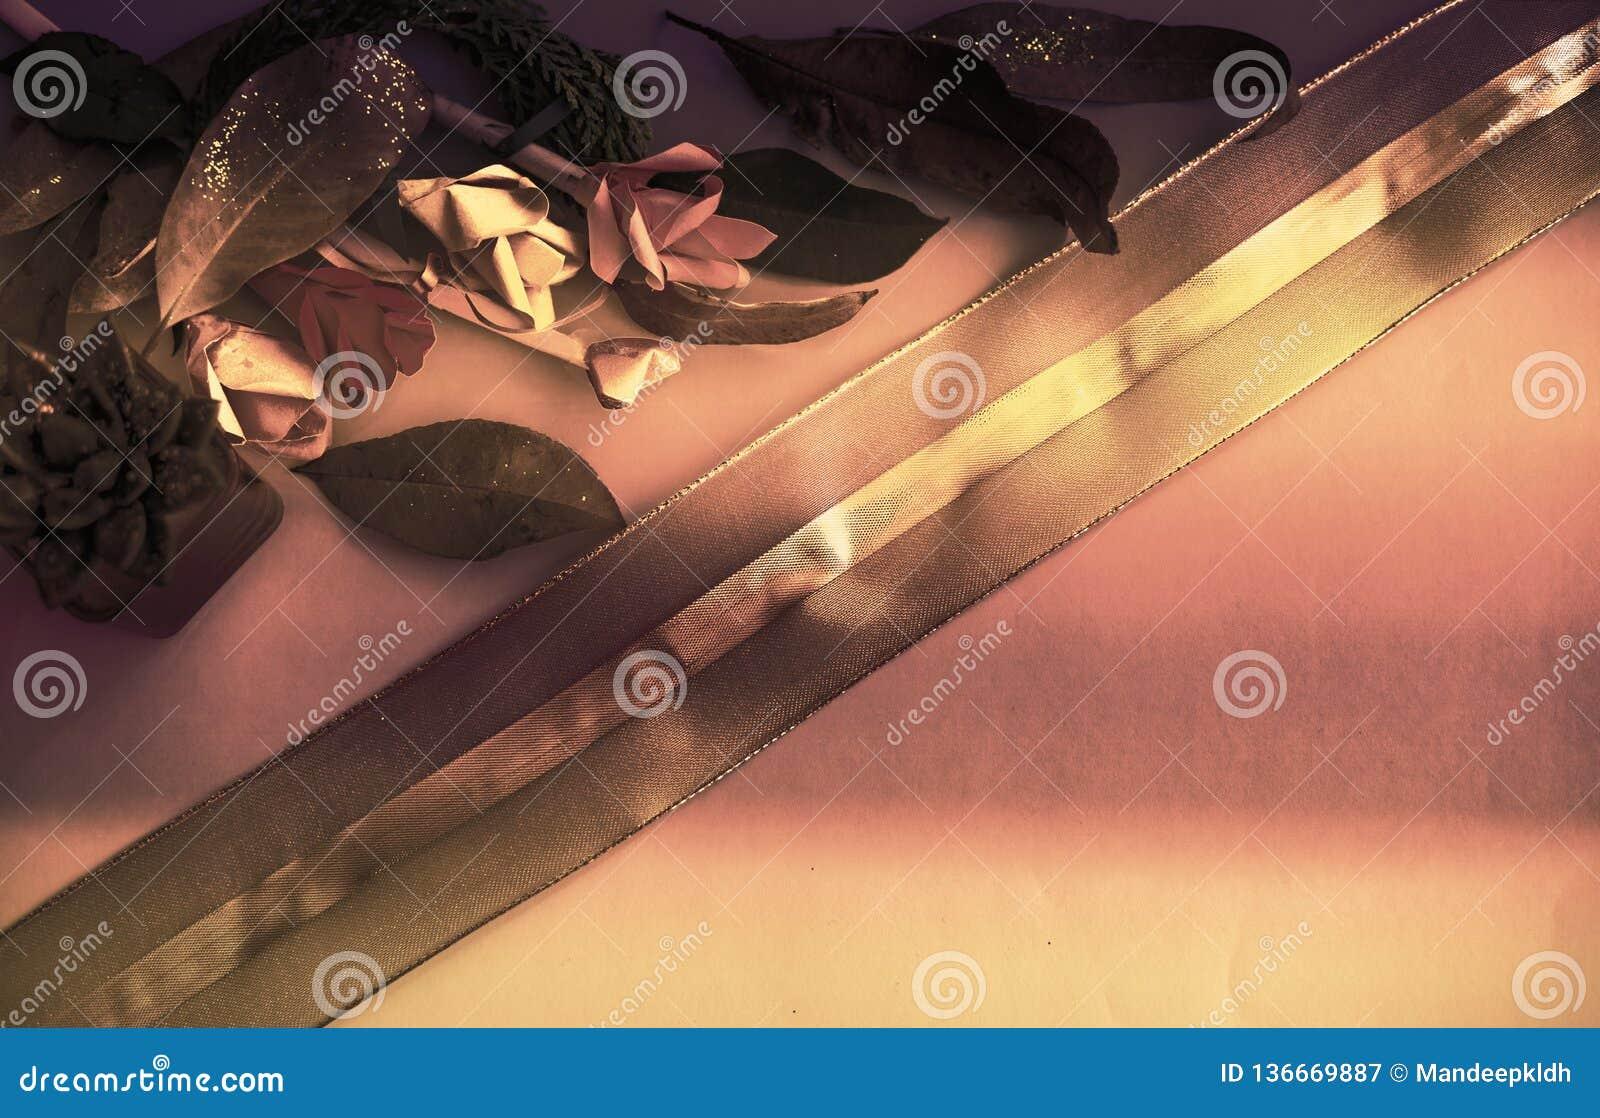 Samling av gamla sidor Handgjort pappers- hantverk Guld- snöra åt på ljust papper Goda för affisch, hälsningar, kort, teman